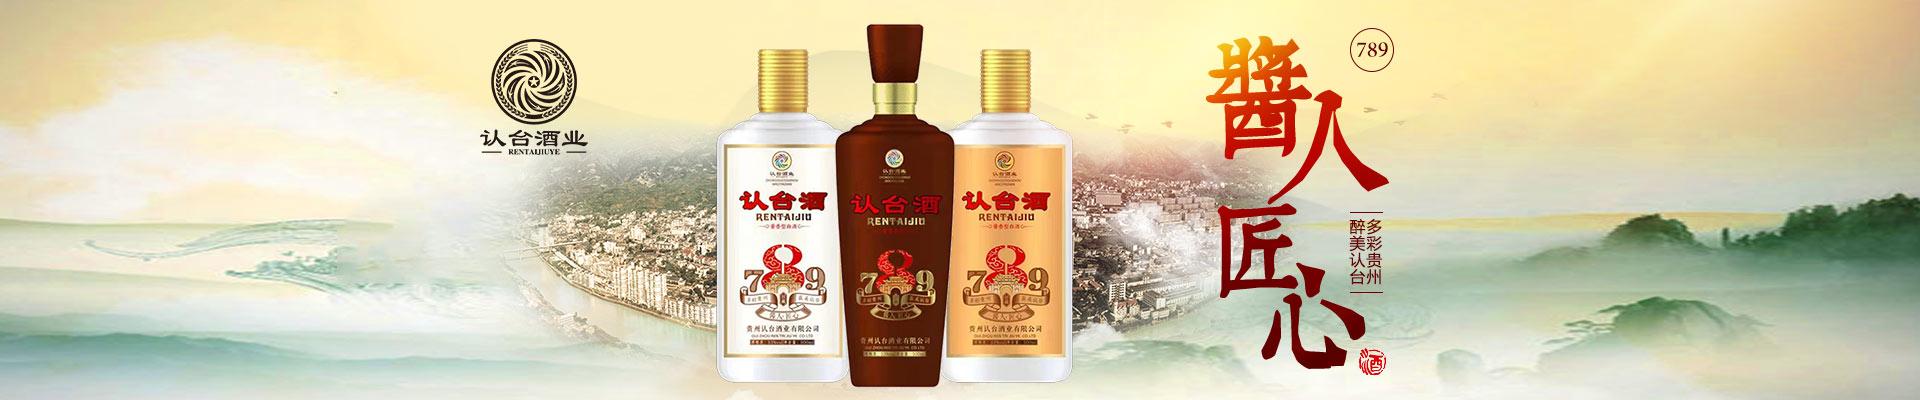 贵州认台酒业有限公司